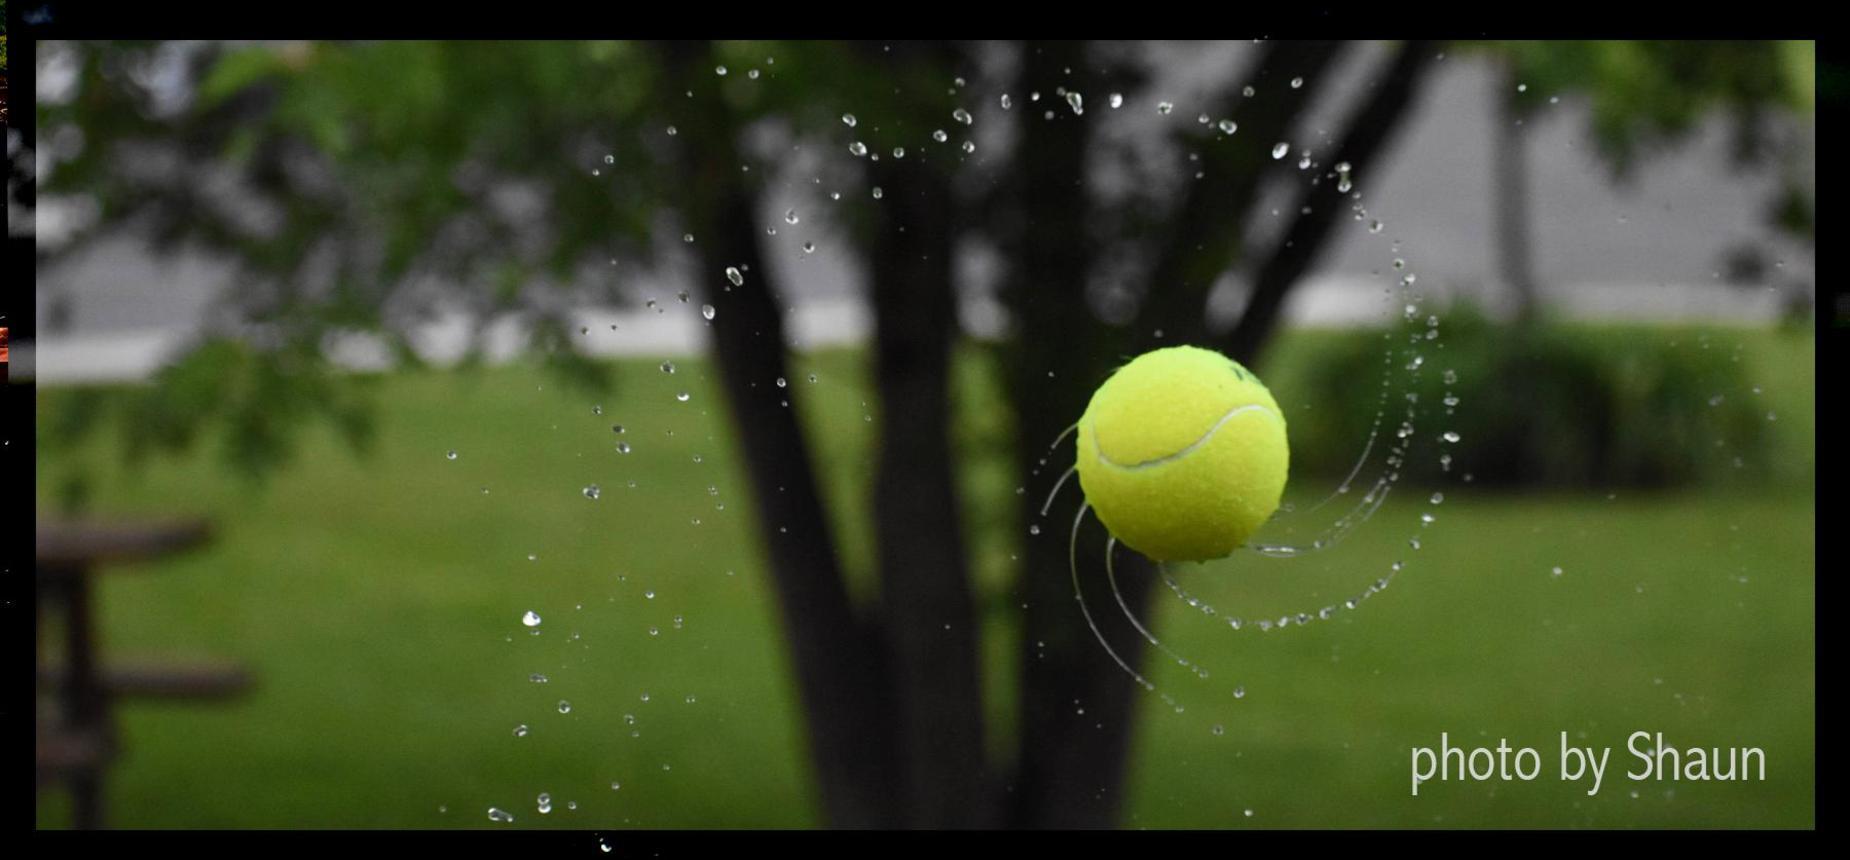 wet spinning tennis ball